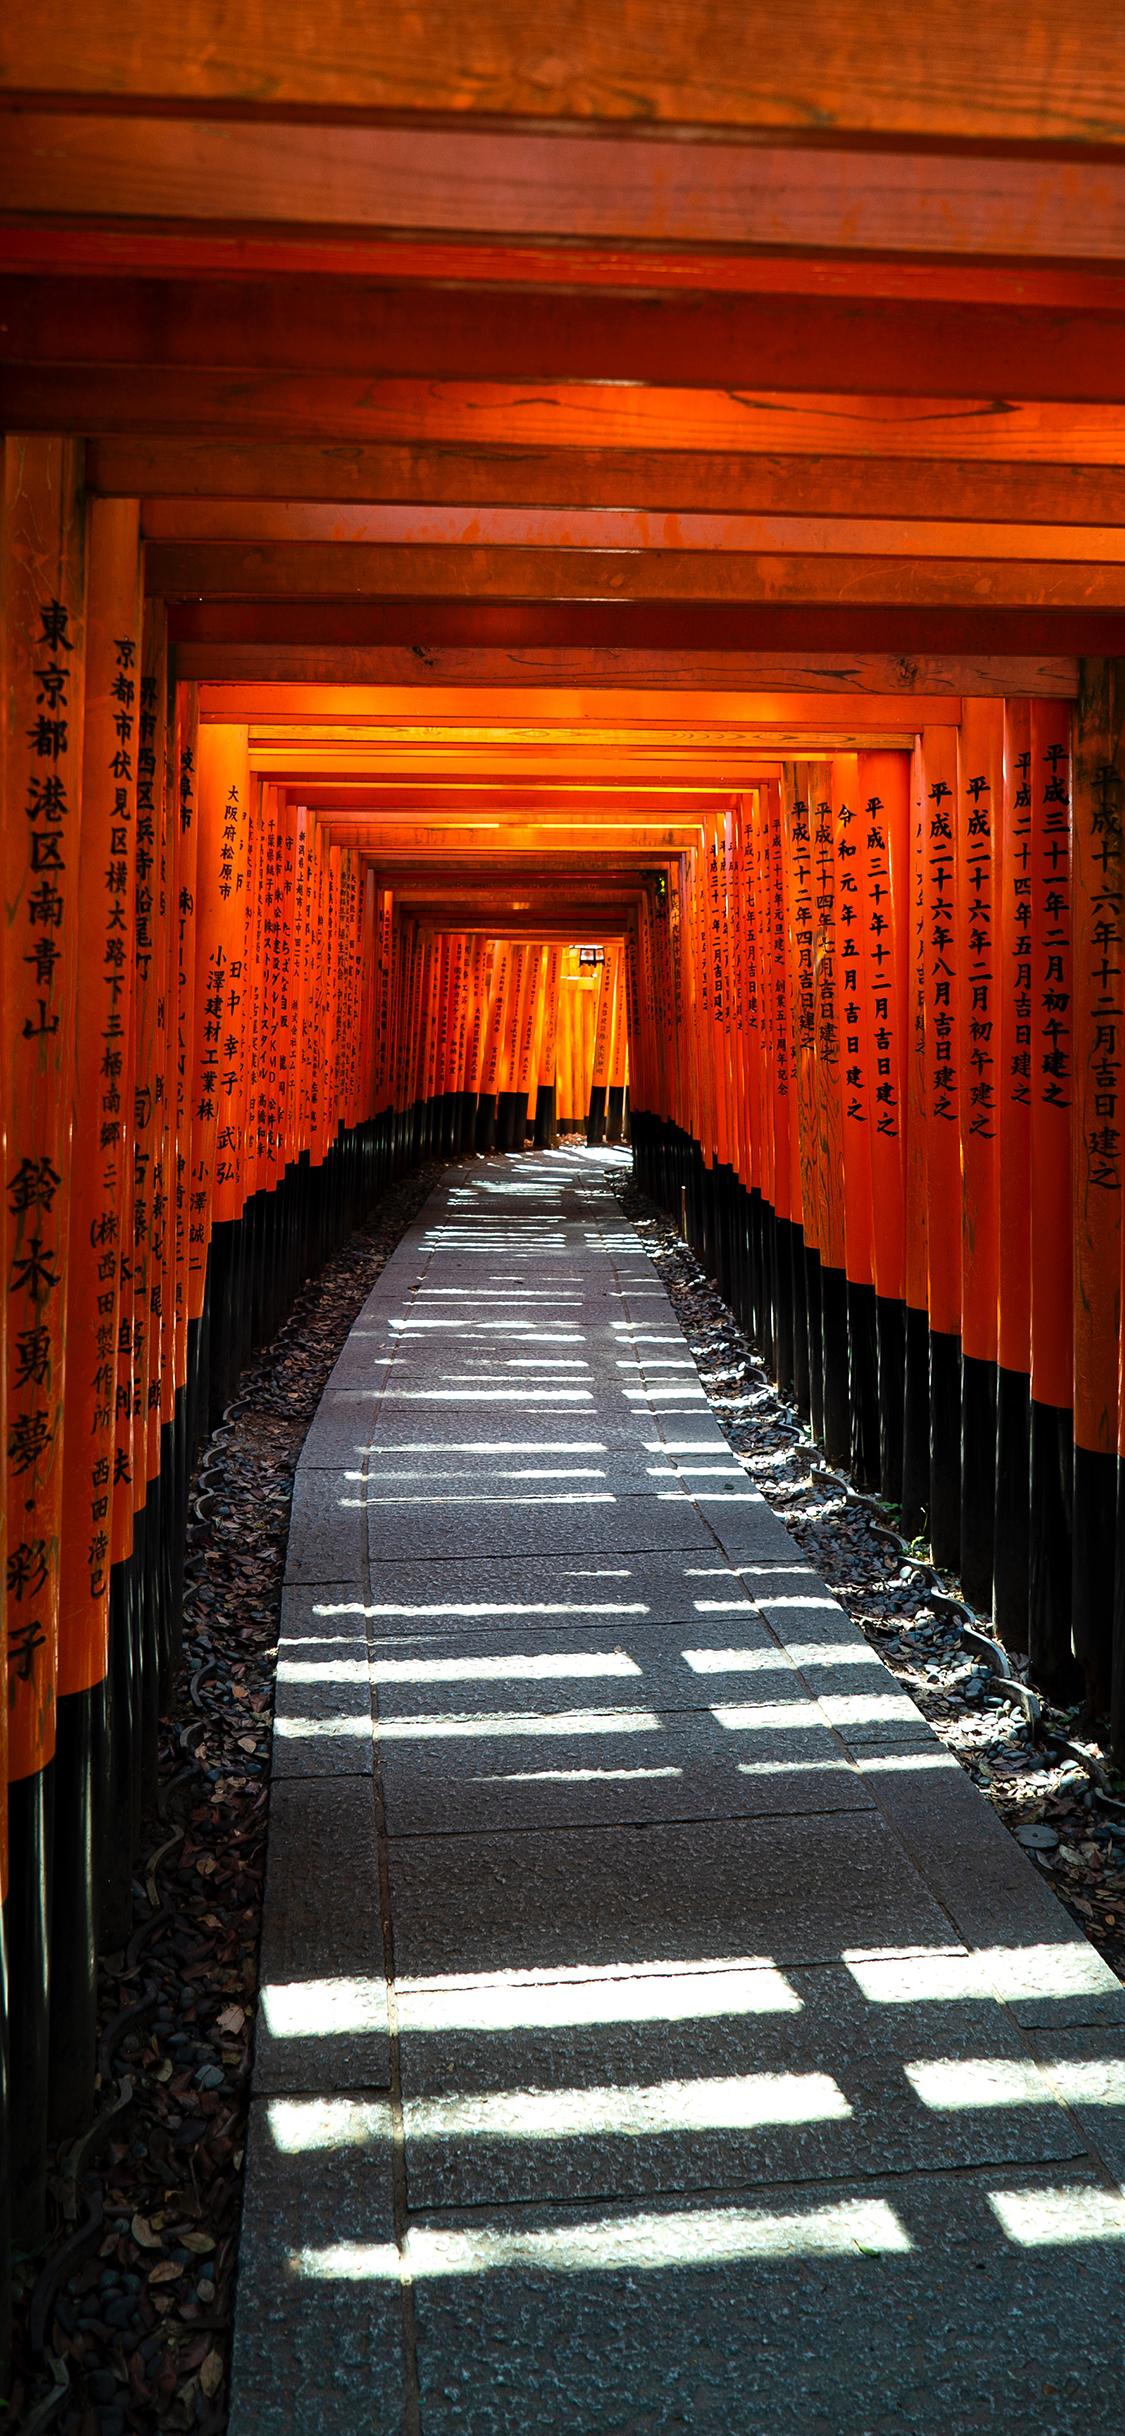 日本京都伏见稻荷神社景点长廊苹果手机高清壁纸1125x2436 爱思助手